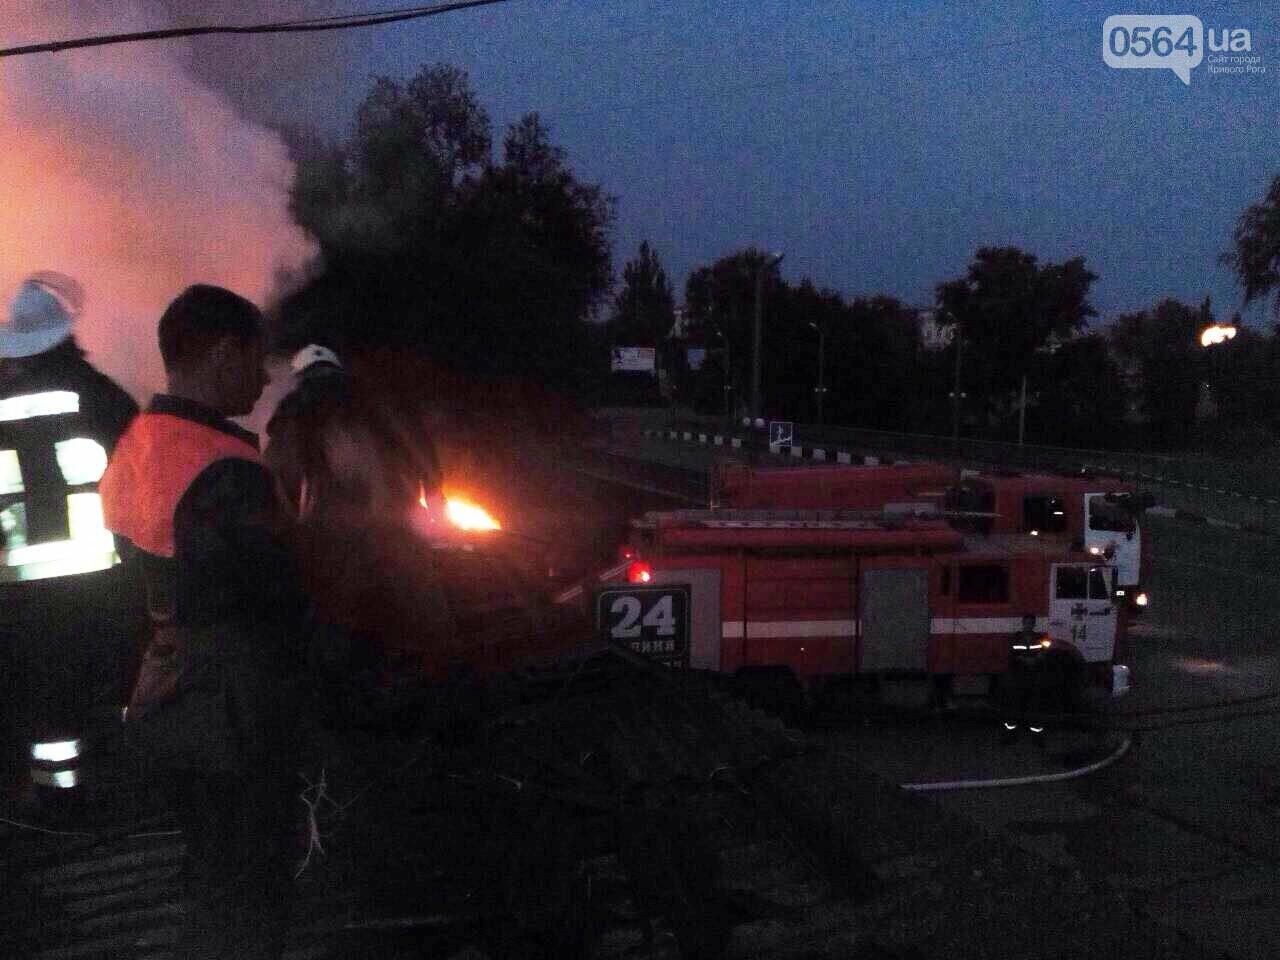 Масштабный пожар в Кривом Роге: Огонь уничтожил кафе и повредил еще несколько объектов, - ФОТО, фото-1